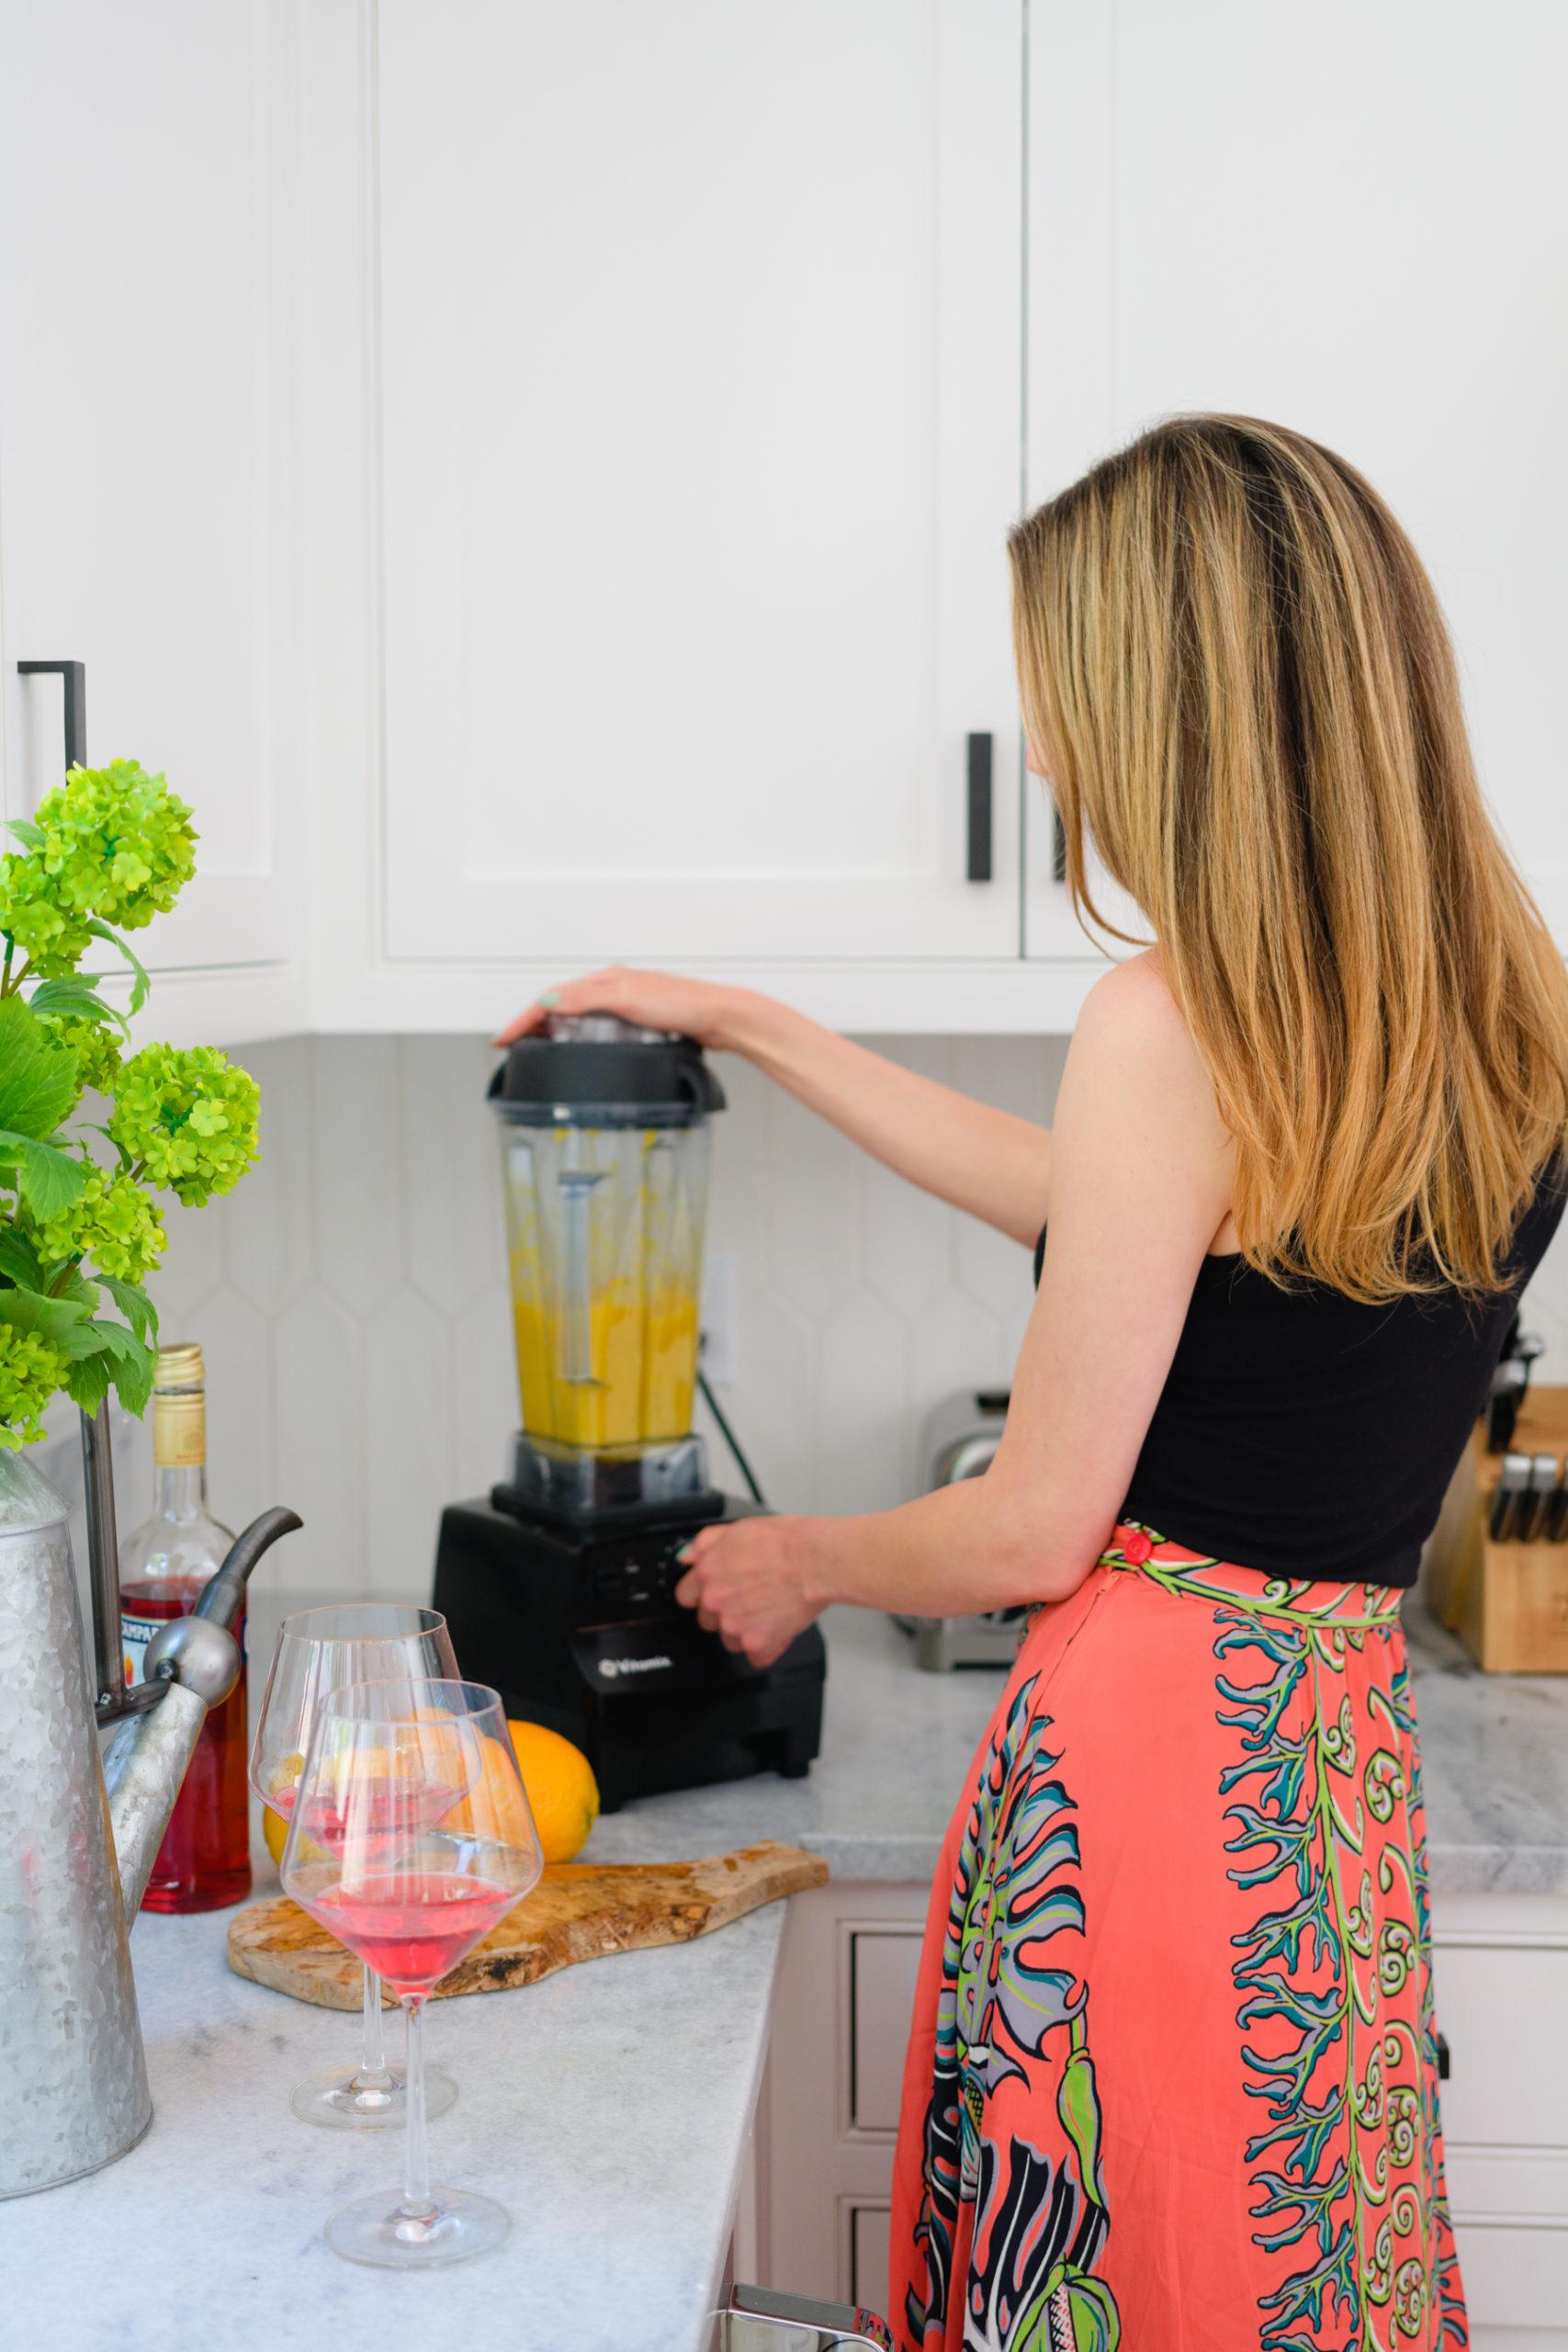 Eva Amurri shares her Italian Sunrise Cocktail recipe